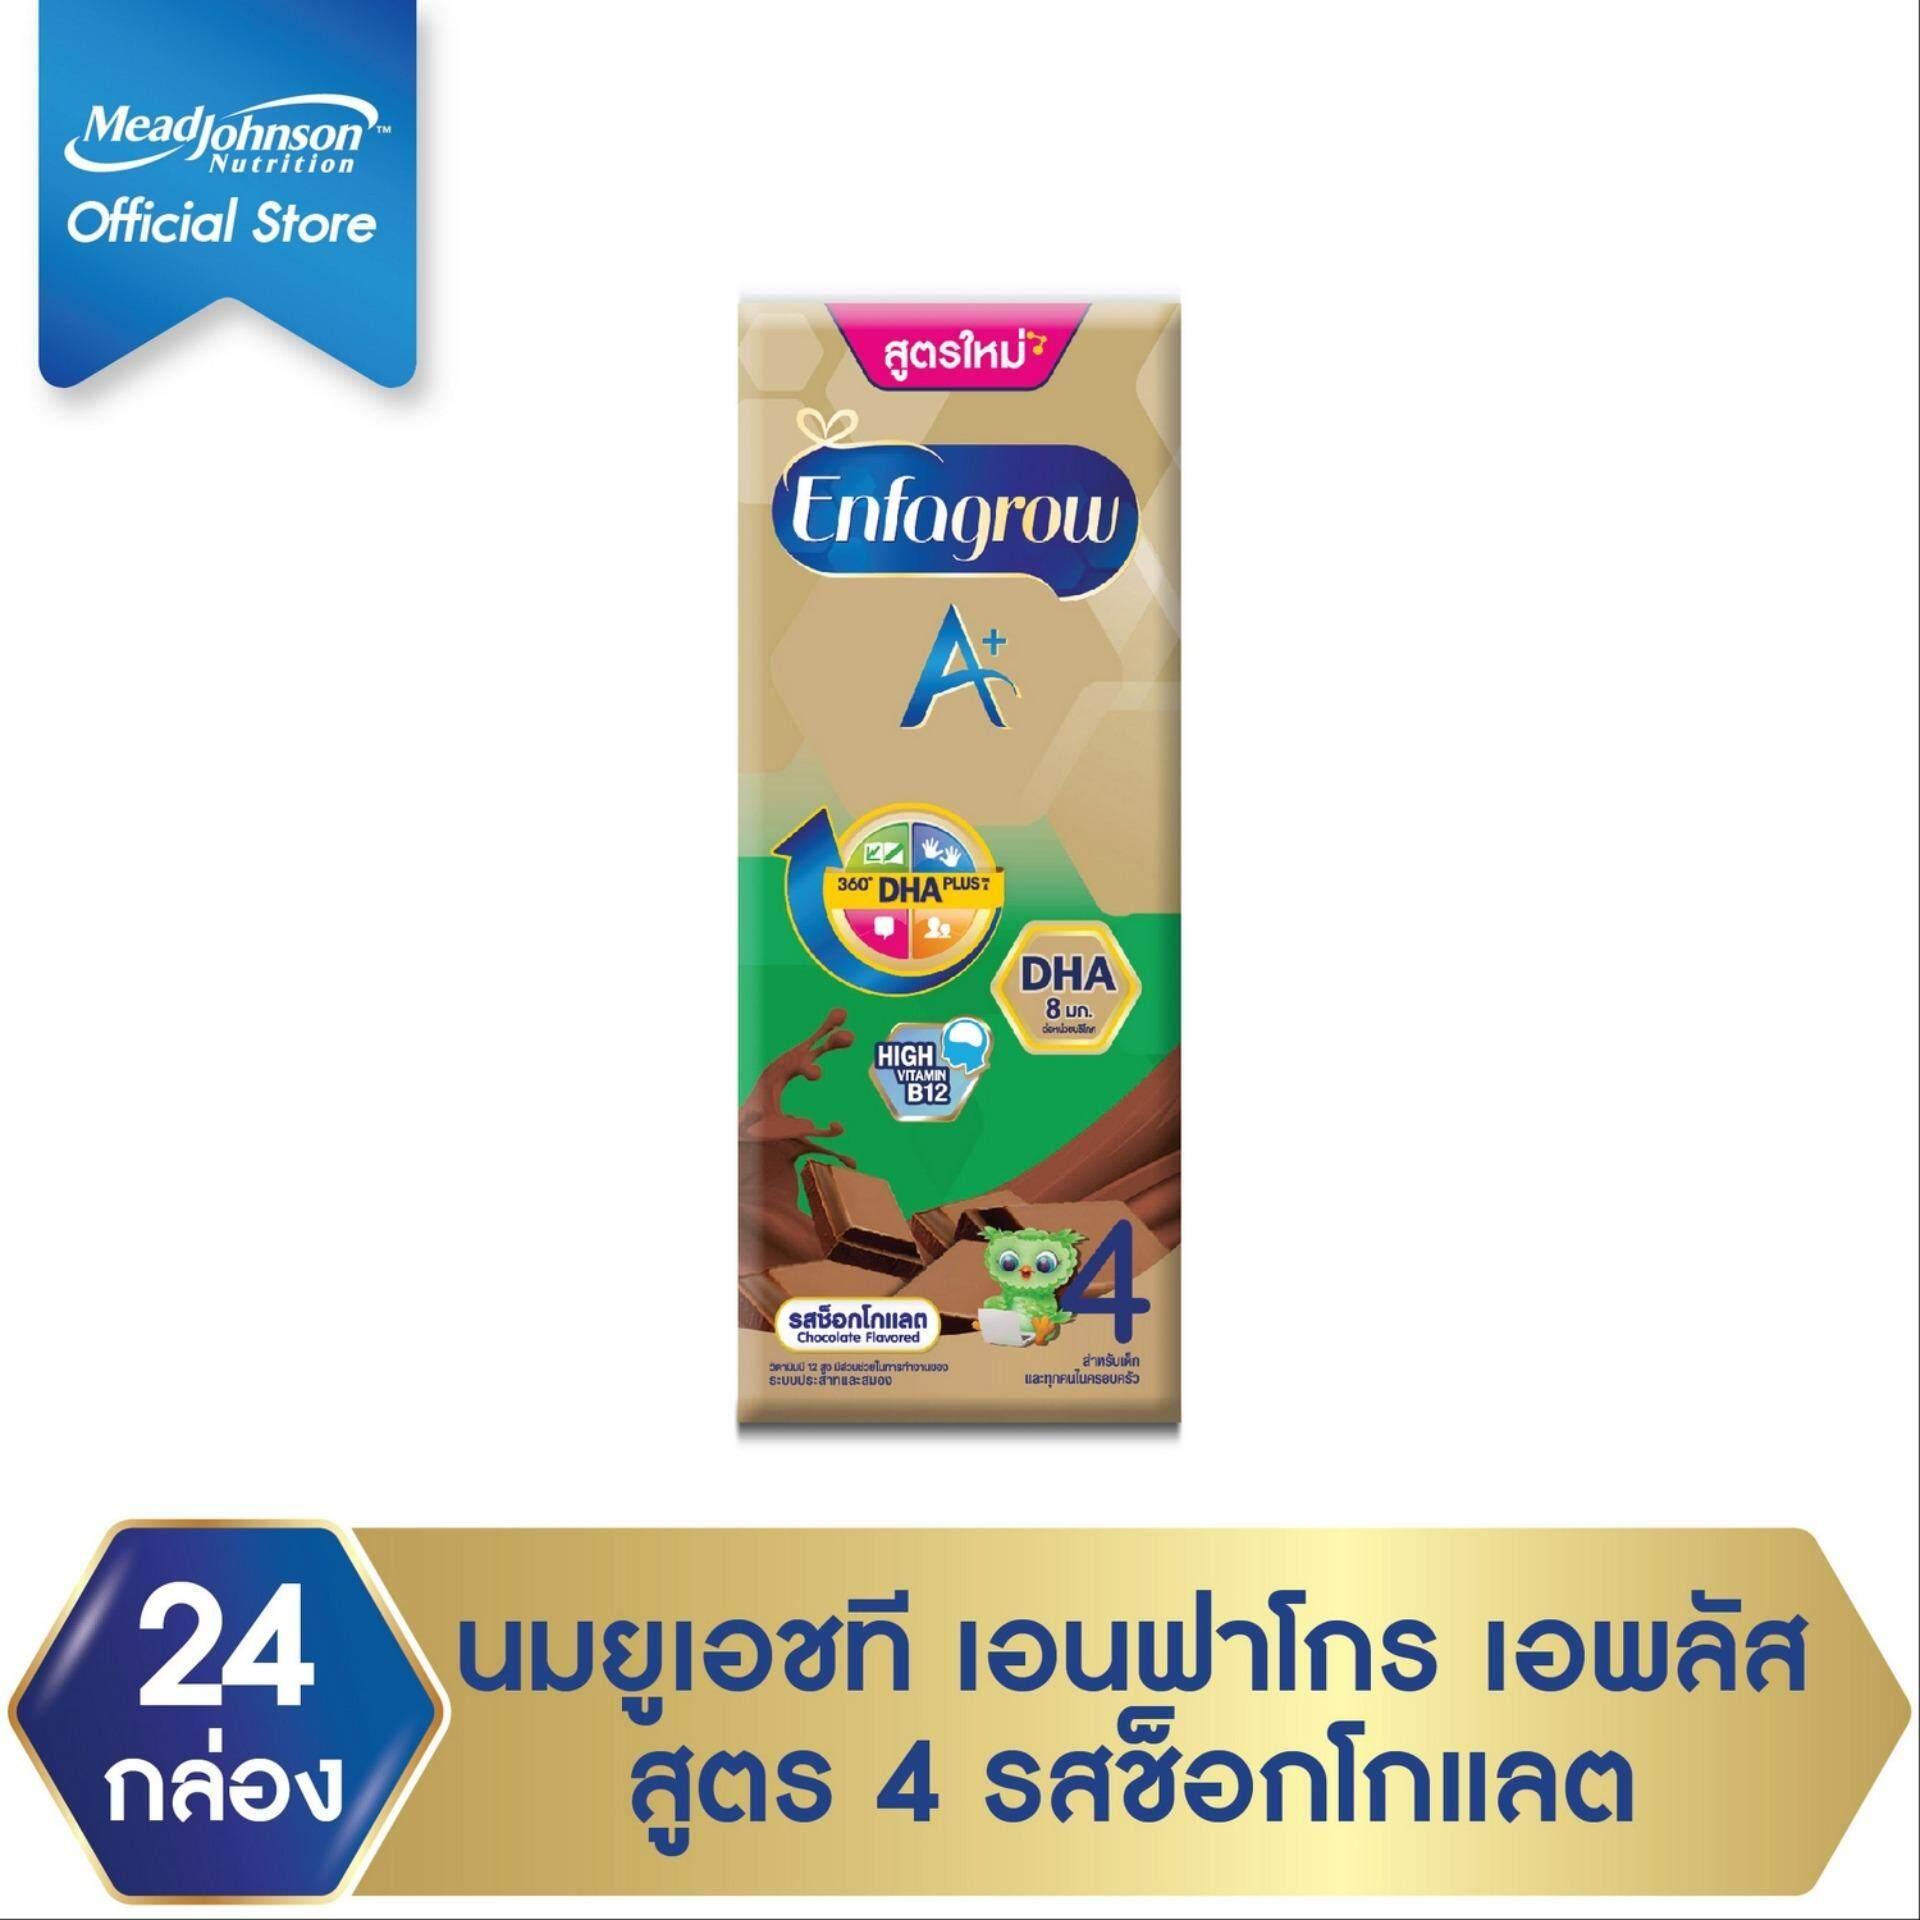 นมกล่อง ยูเอชที Enfagrow เอนฟาโกร เอพลัส รสช็อคโกแลต Uht สำหรับ เด็ก 24 กล่อง 180 มล. By Lazada Retail Enfagrow.